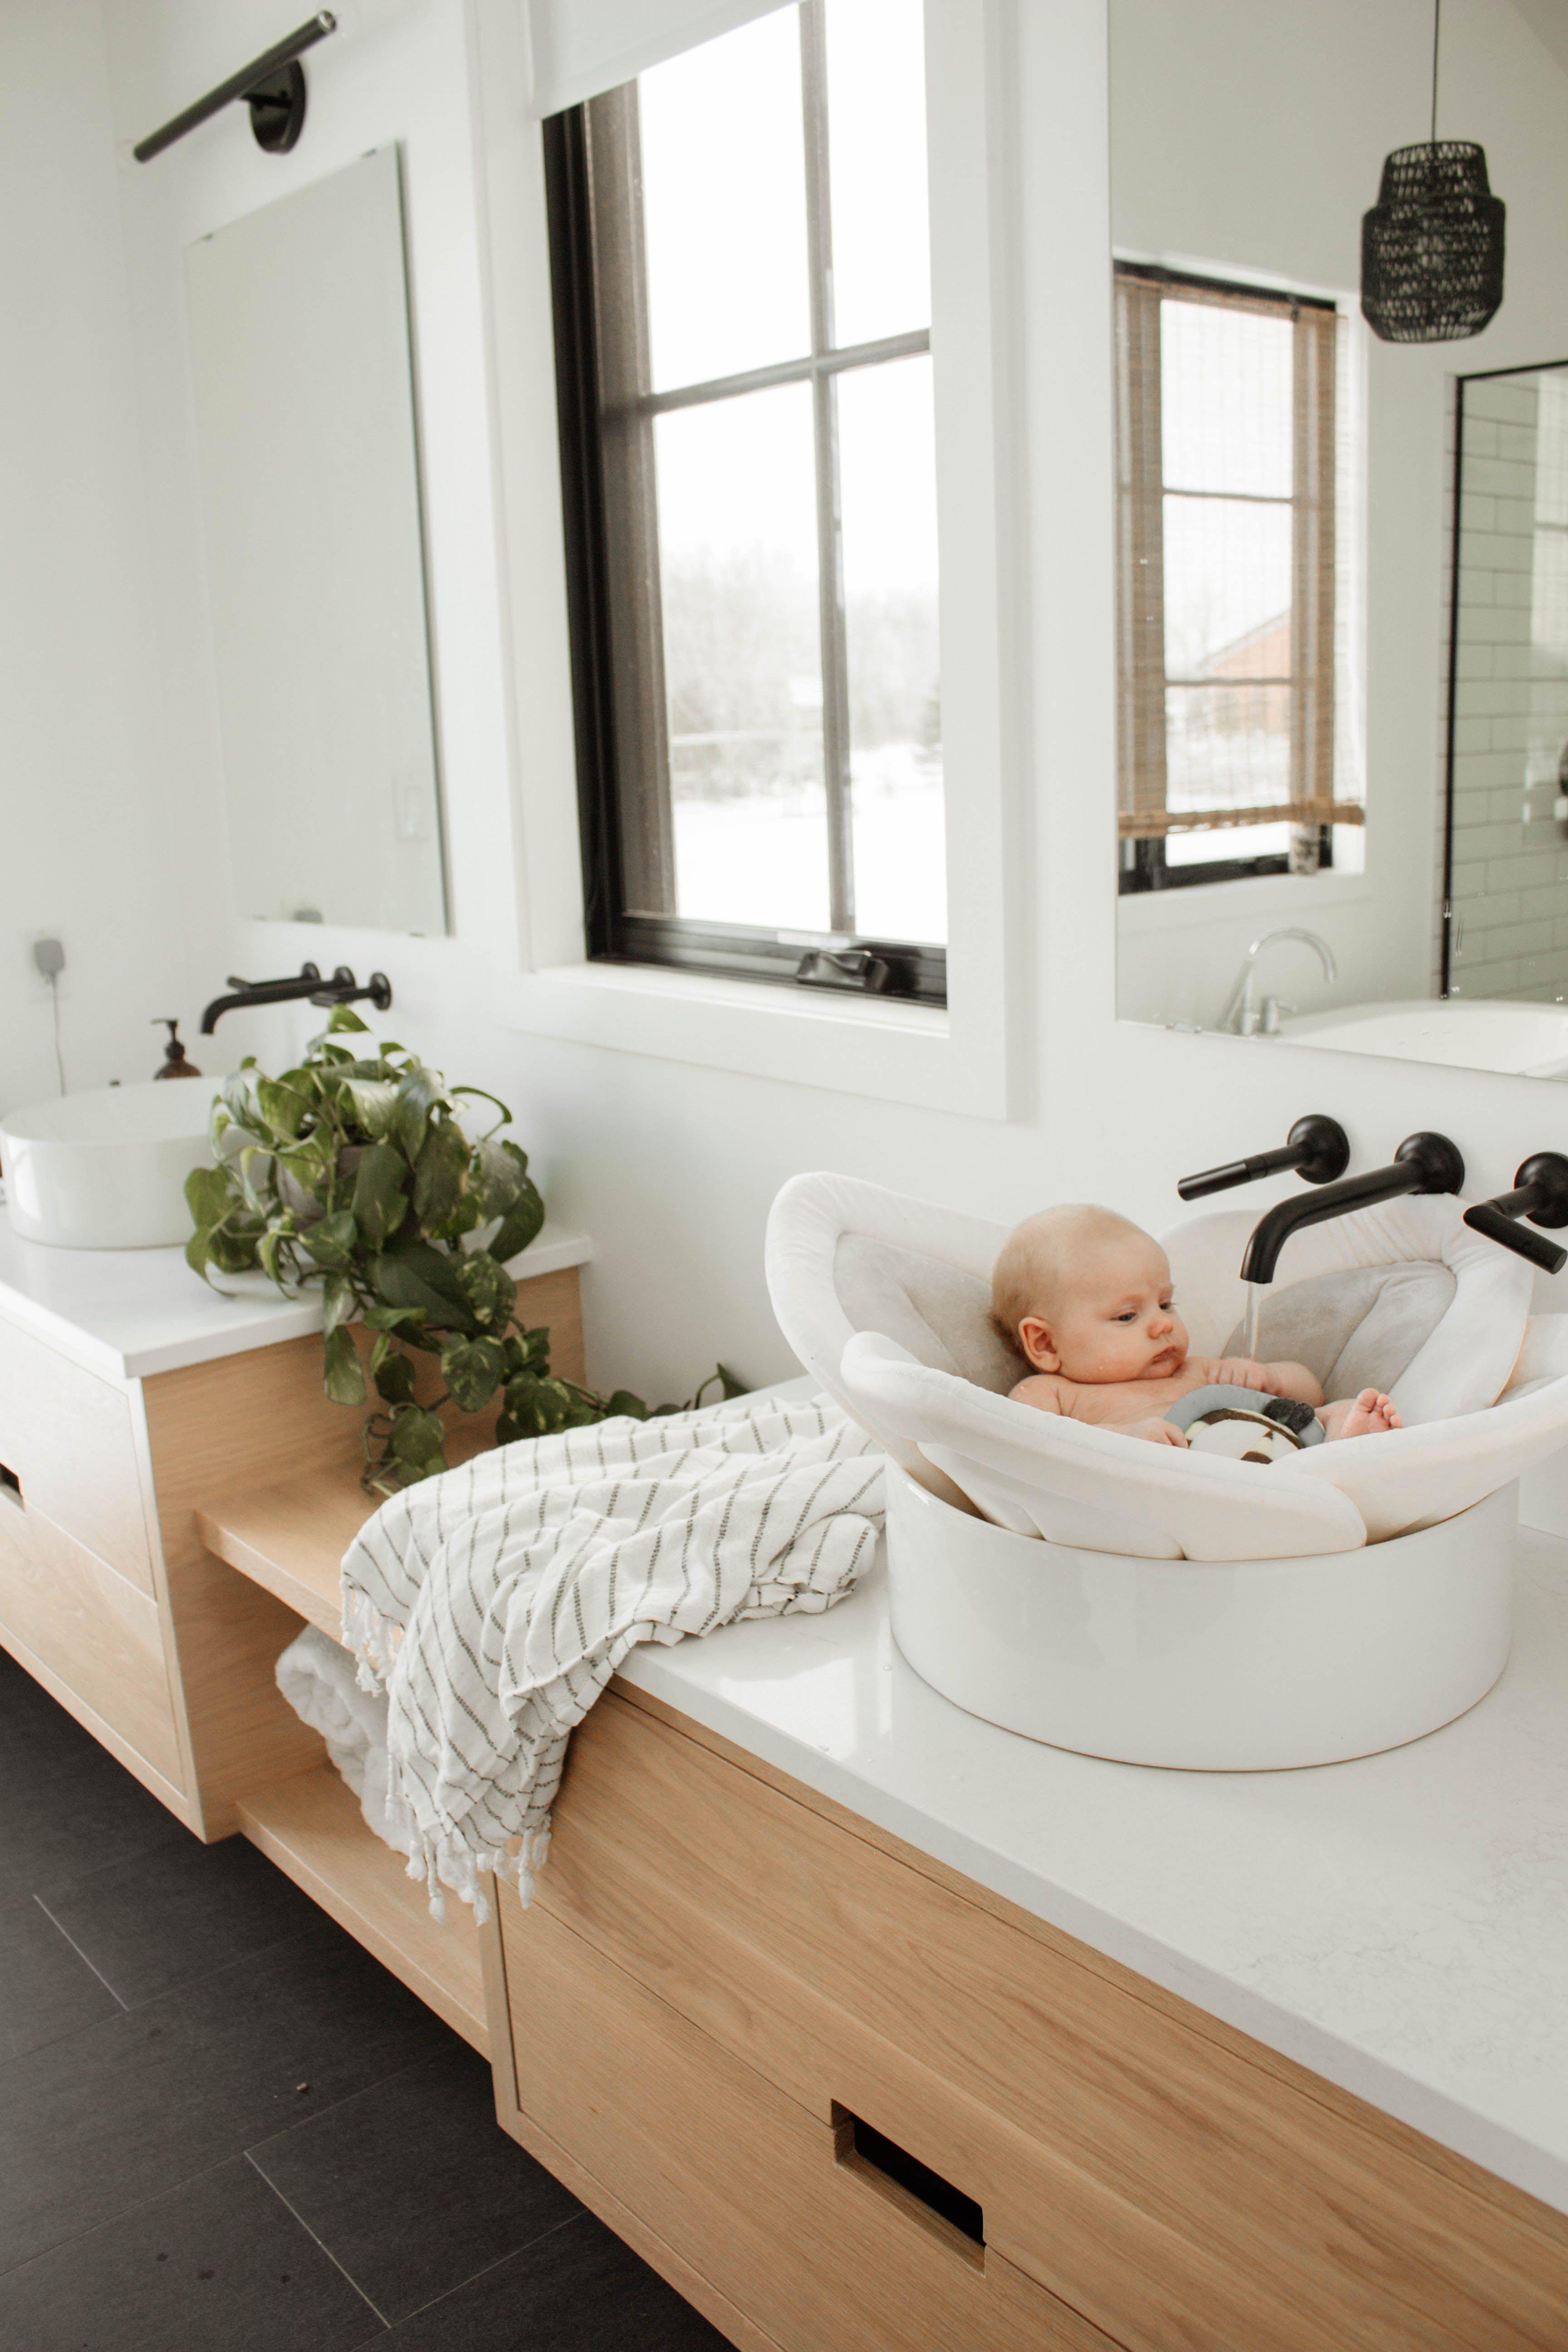 Baby Bath Seat Baby Bath Tub Baby Bath Baby Bathtub Blooming Baby Bath Baby Bath Baby Bath Tub